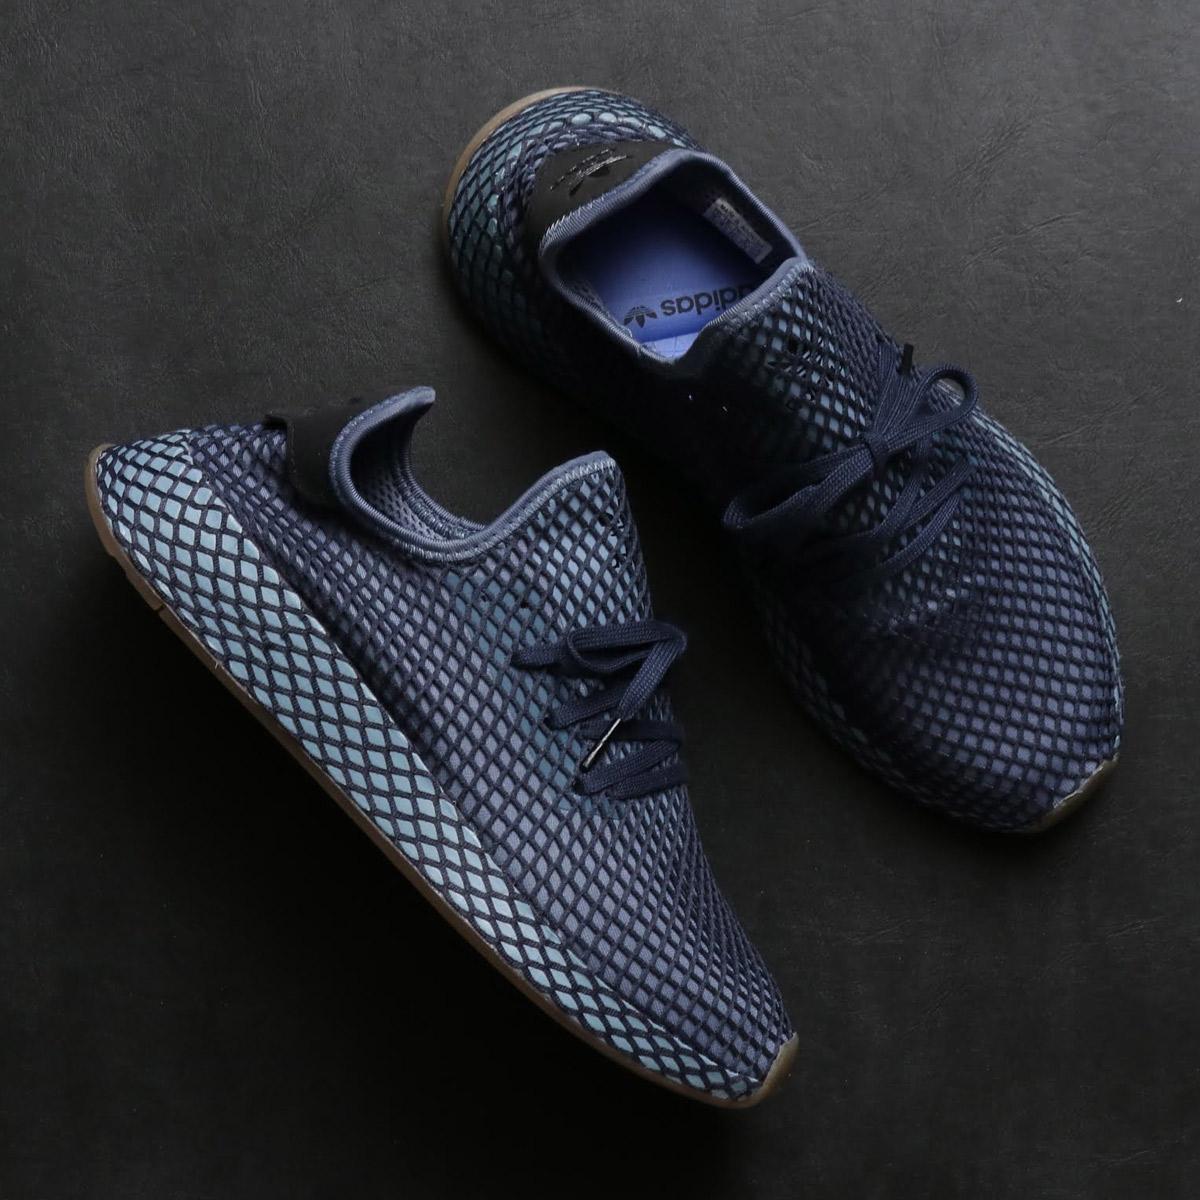 adidas Originals DEERUPT RUNNER(アディダス オリジナルス ディ-ラプトランナー)DARK BLUE/DARK BLUE/ASH BLUE【メンズ スニーカー】18FW-I